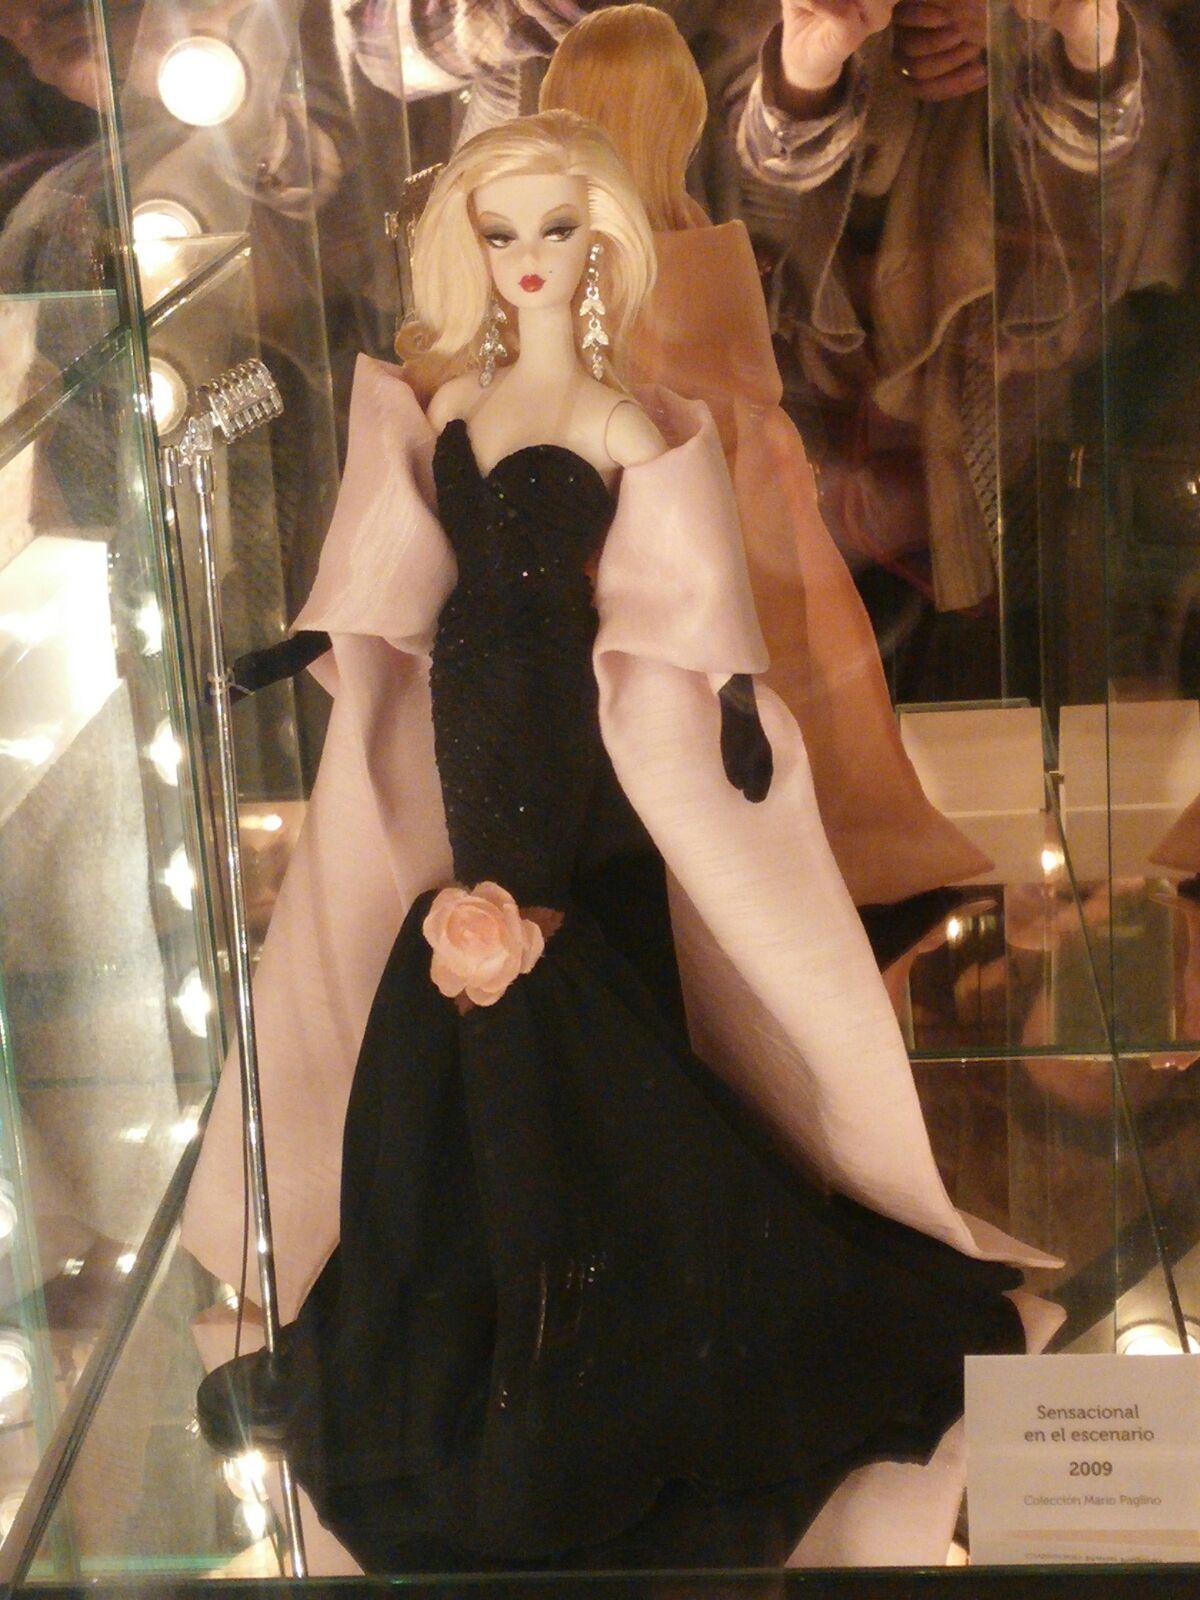 exposicion barbie 2